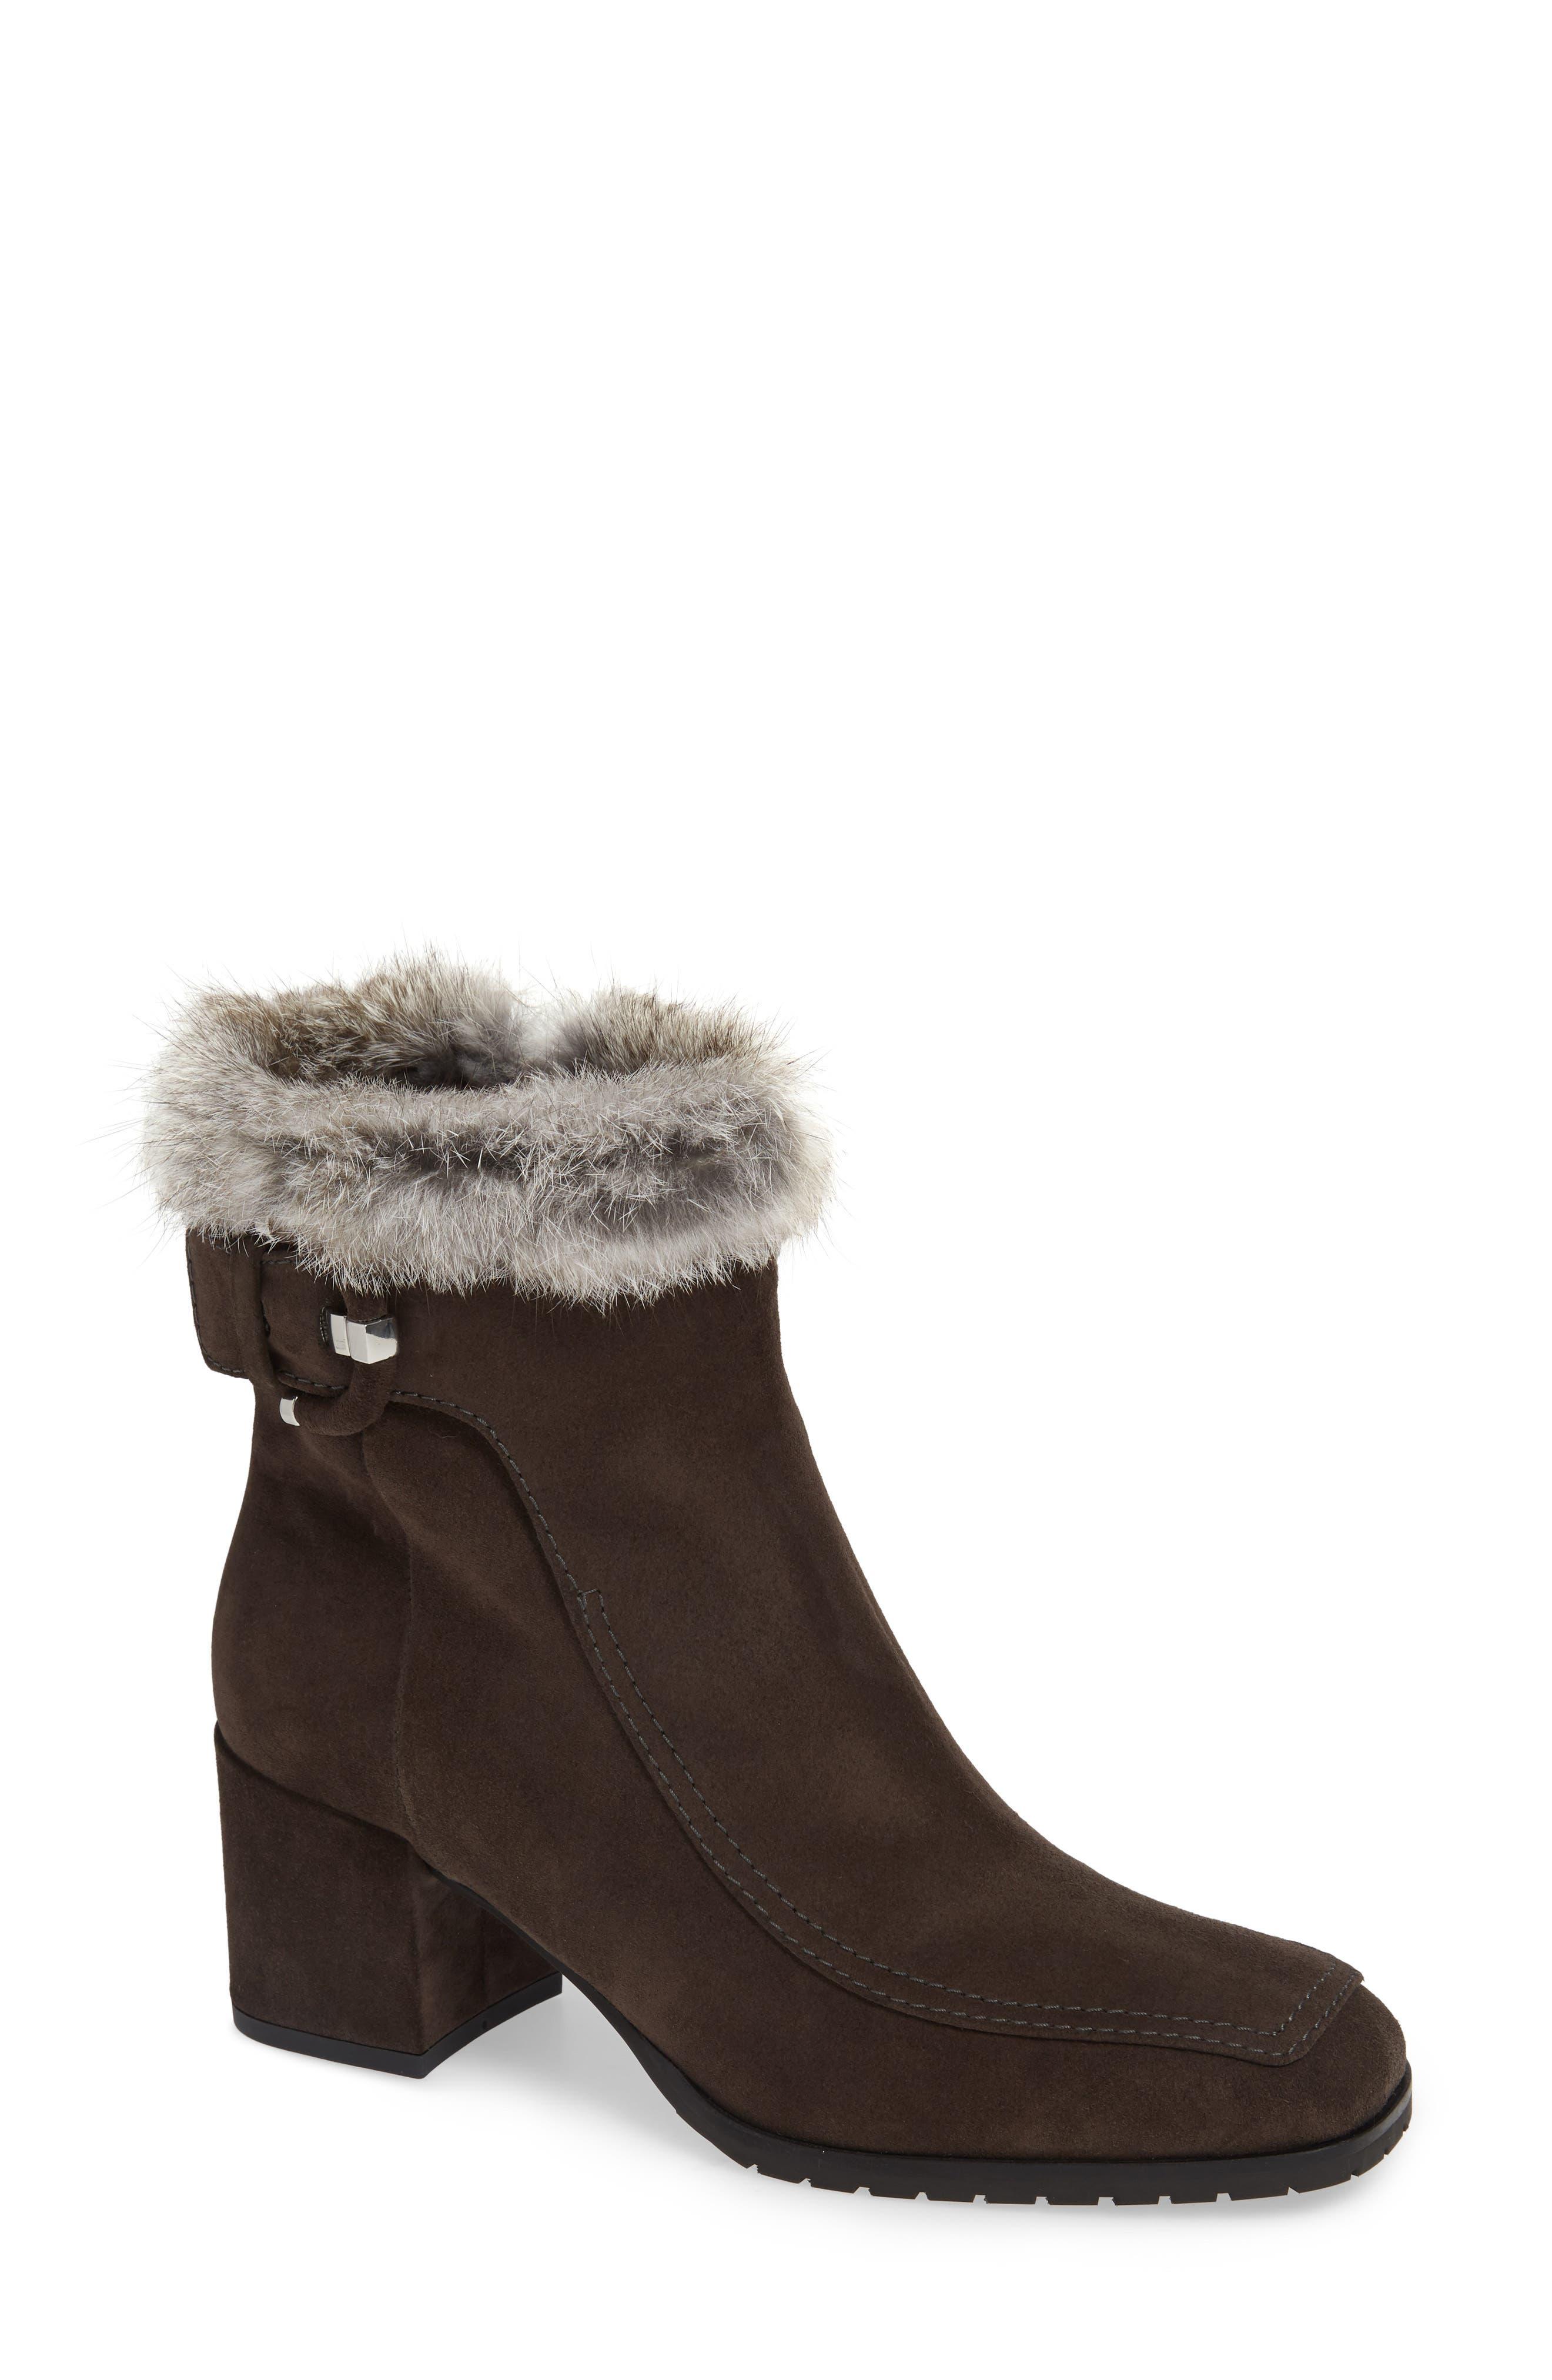 Aquatalia Water Resistant Genuine Rabbit Fur Trim Block Heel Bootie- Grey